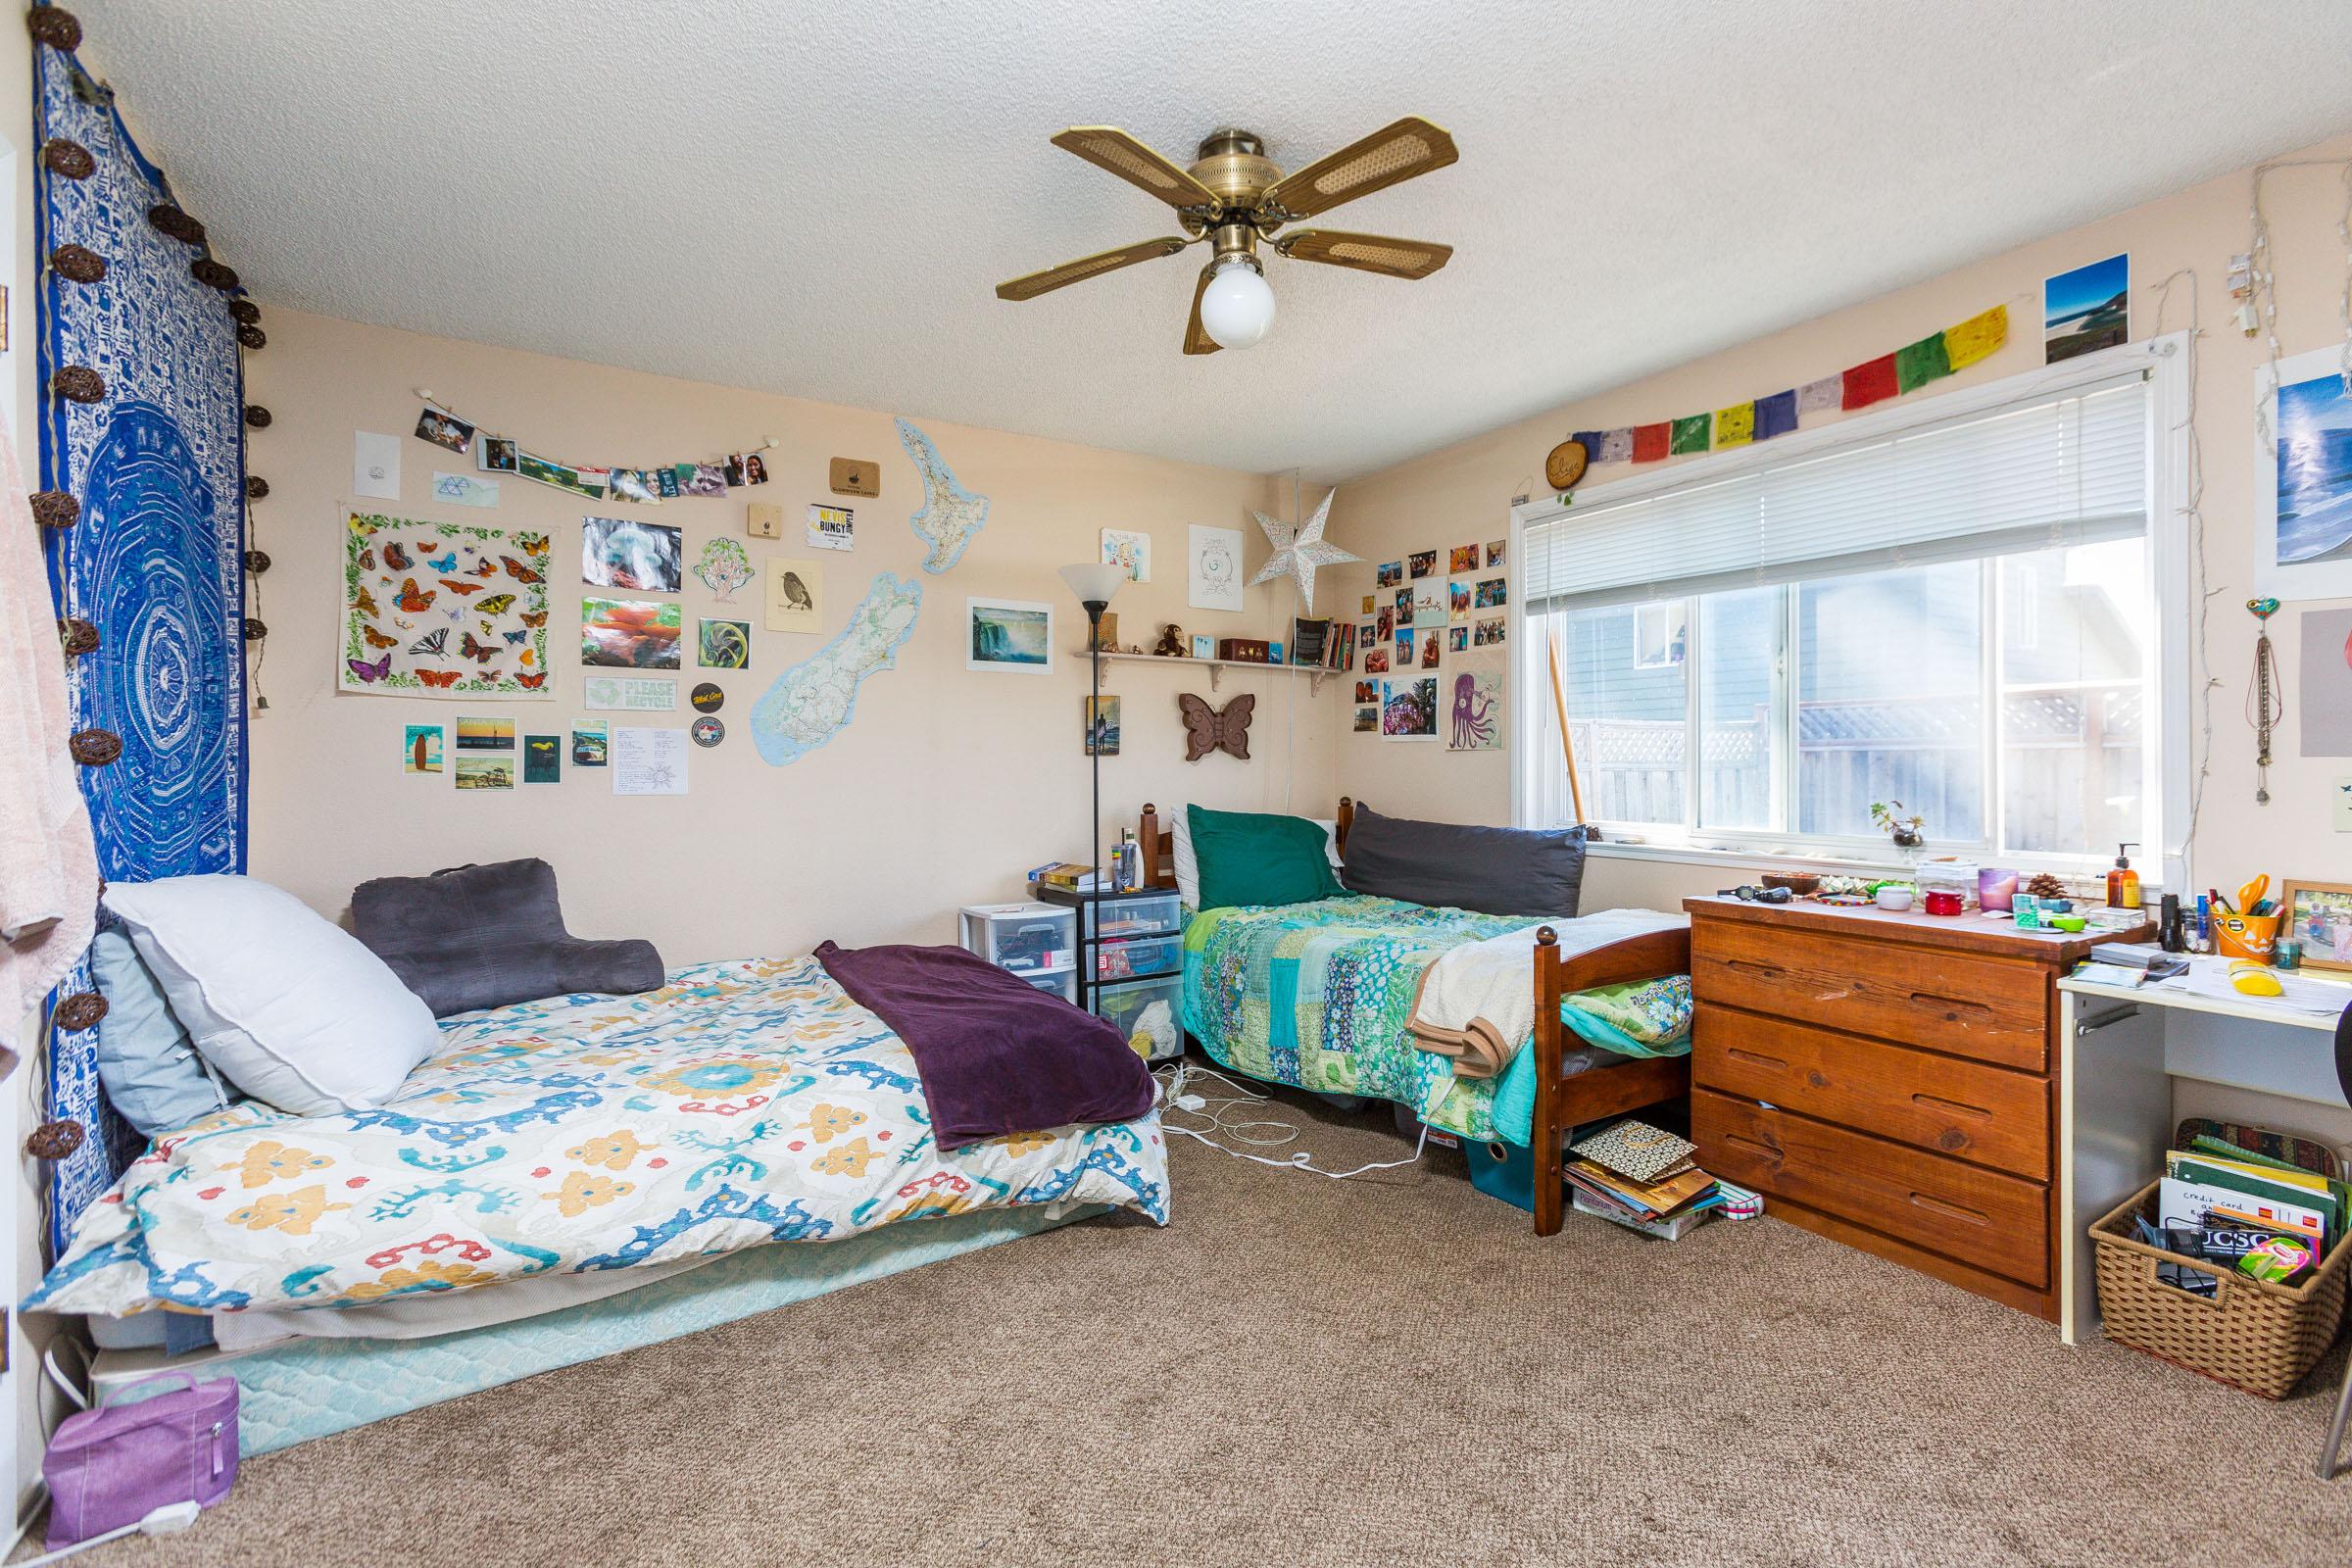 3 Bedroom Home in Santa Cruz